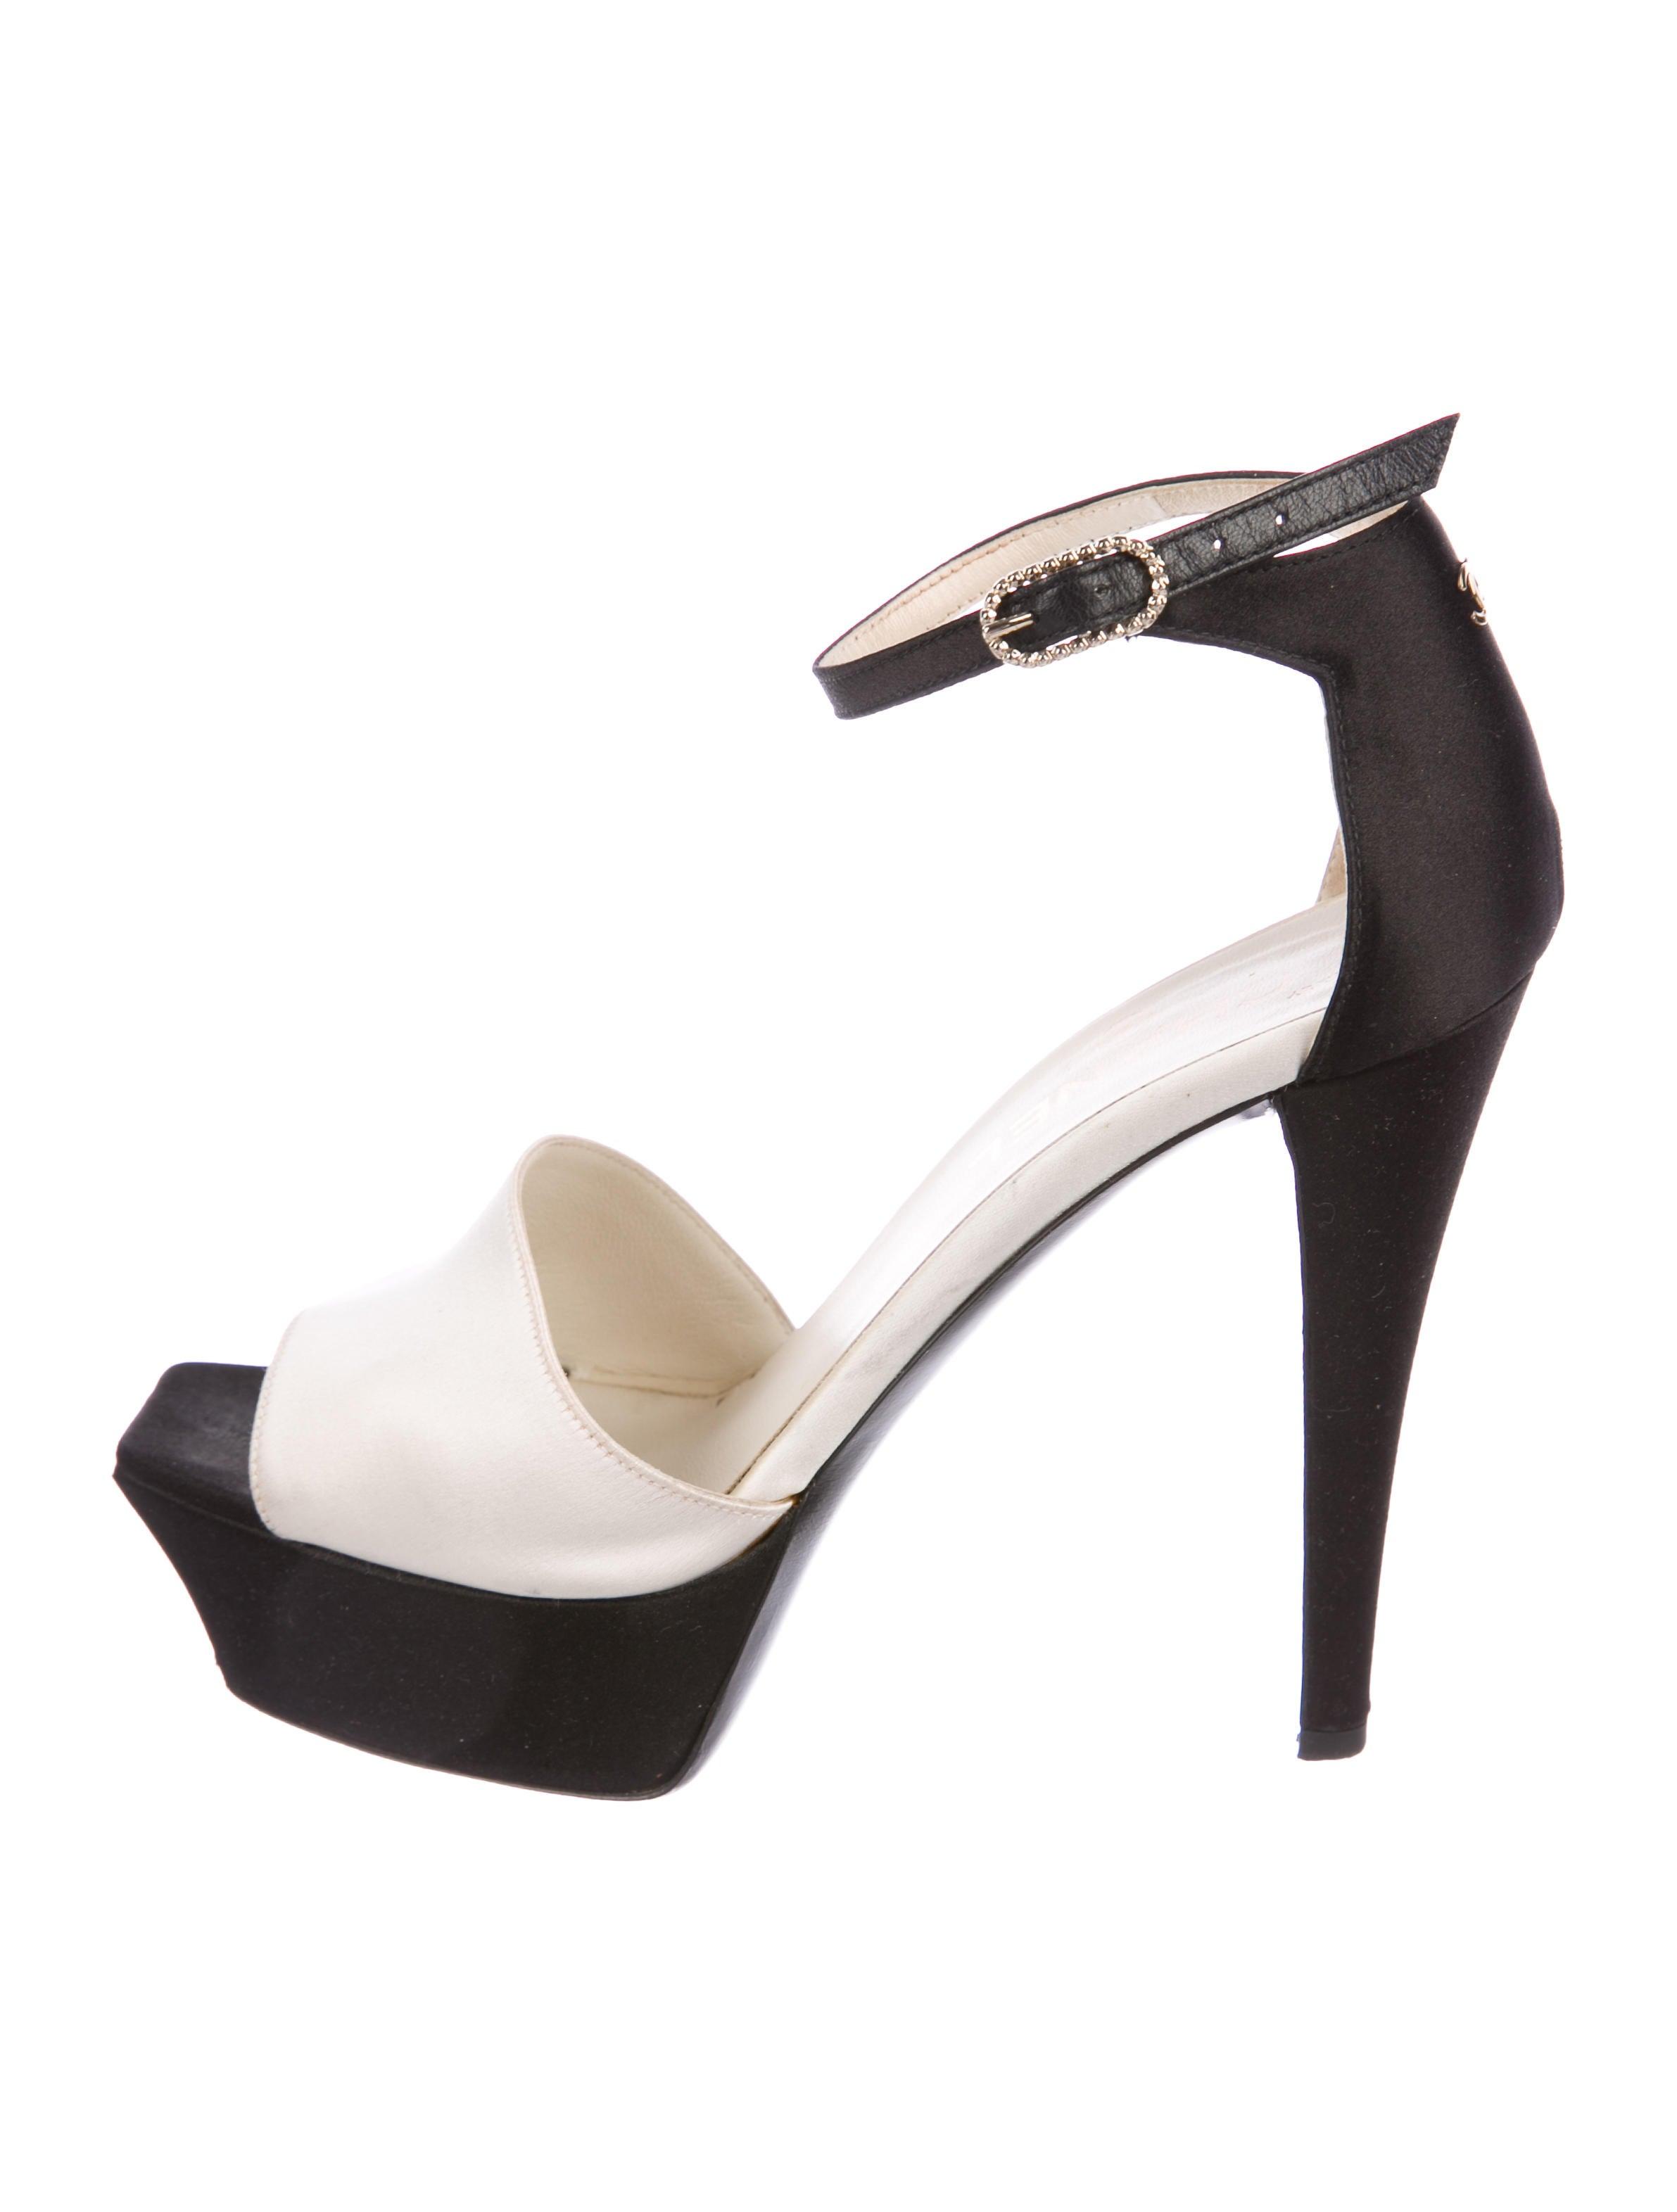 b4ce3275d8a Chanel CC Patent Platform Sandals - Shoes - CHA242152